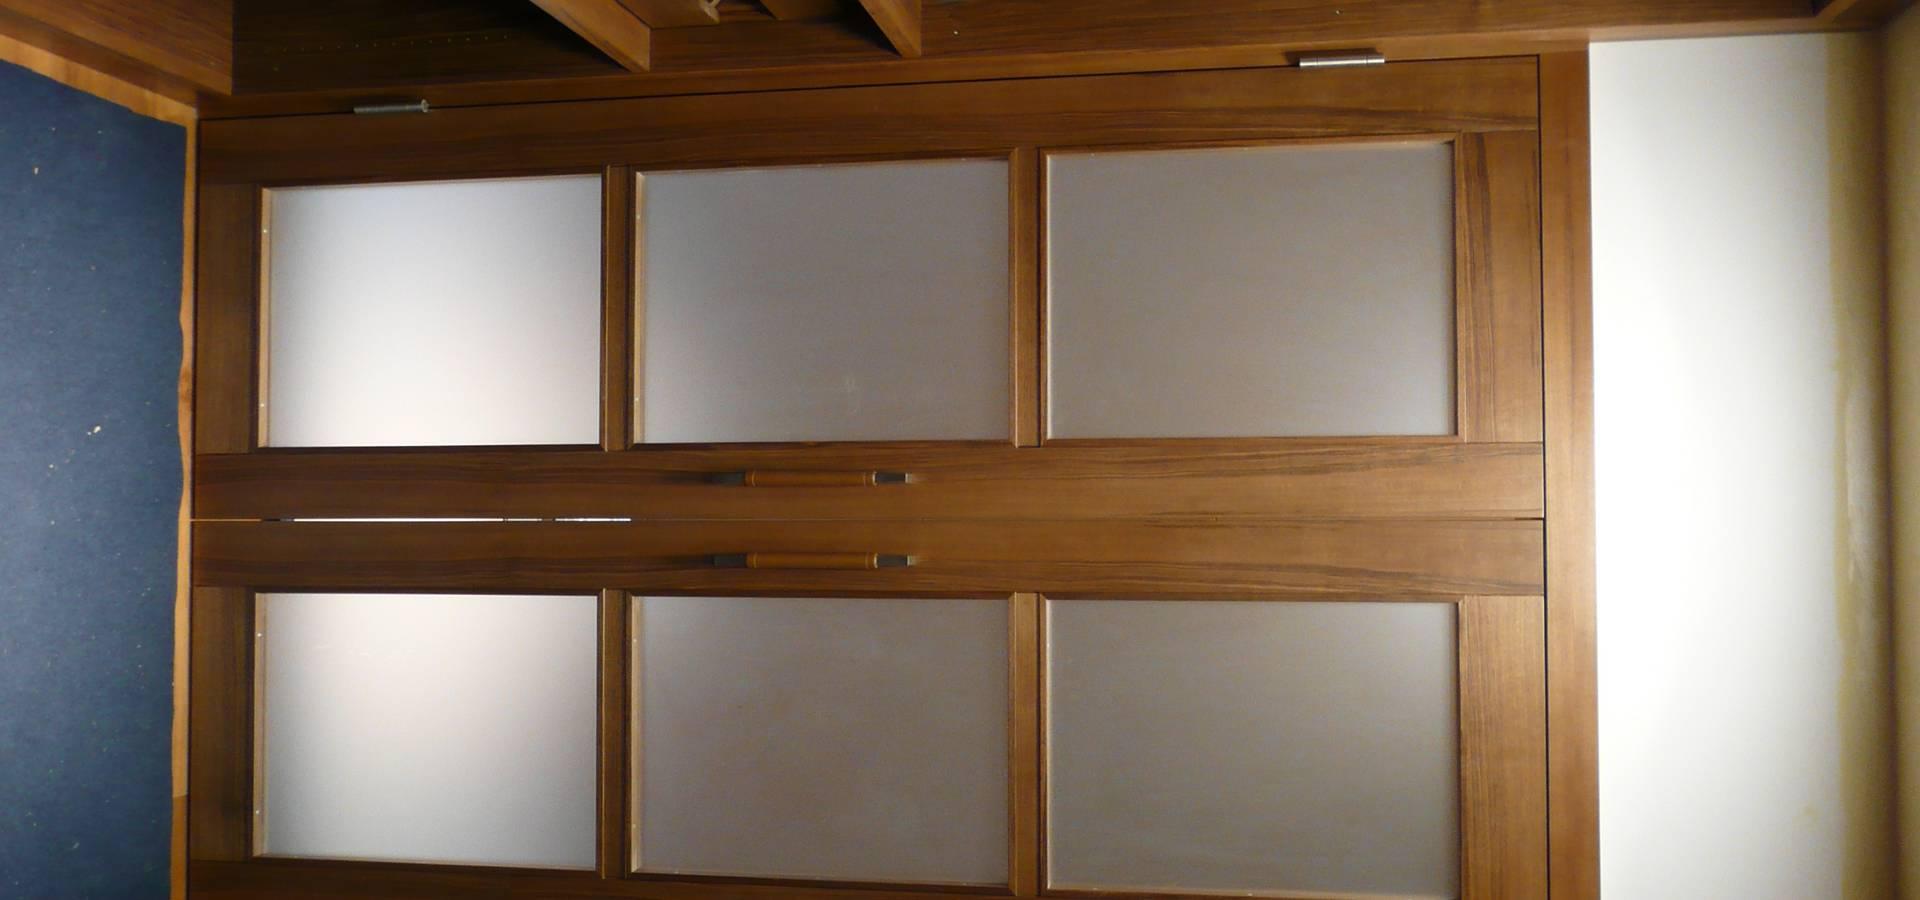 begehbahre kleiderschr nke weinkeller von schreinerei johannes brand homify. Black Bedroom Furniture Sets. Home Design Ideas